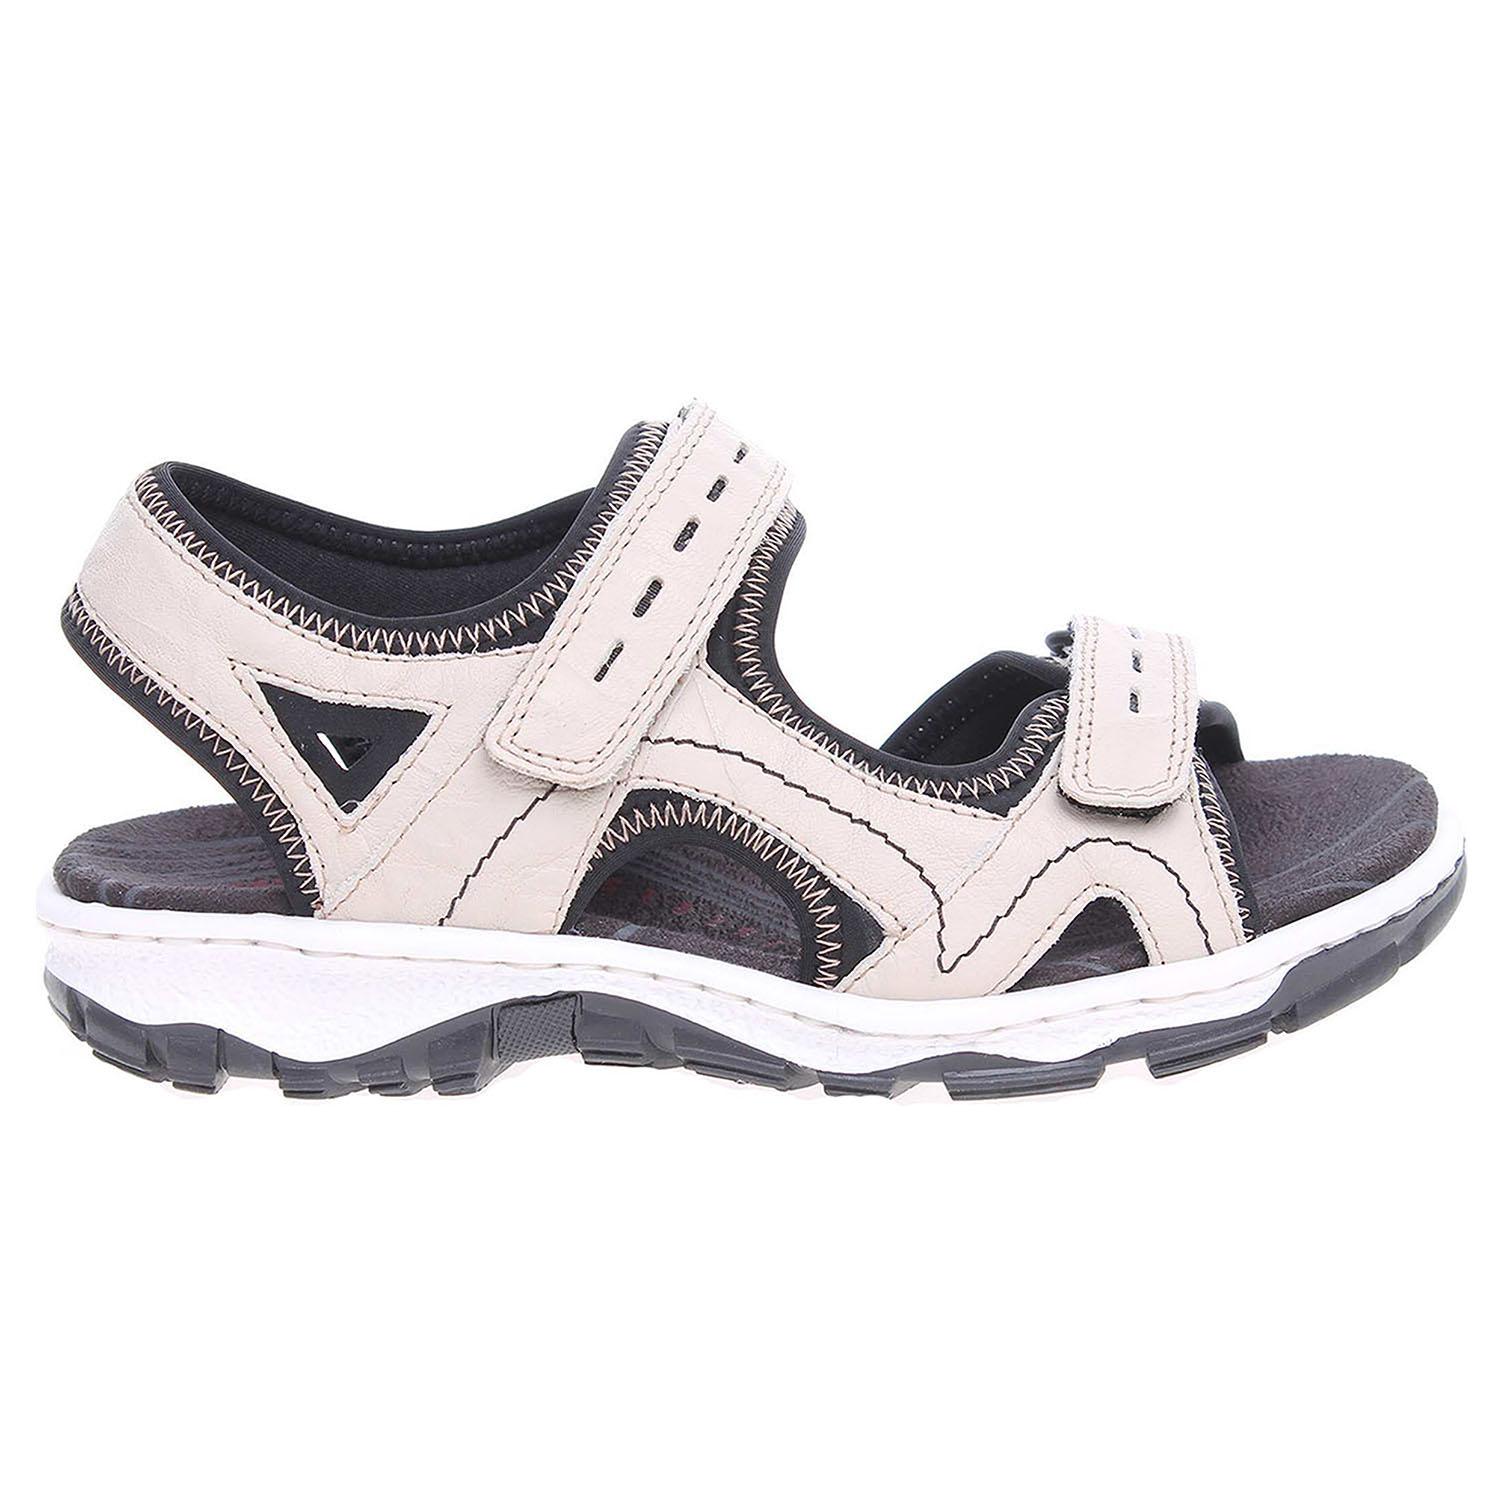 Ecco Rieker dámské sandály 68866-60 béžové 23801116